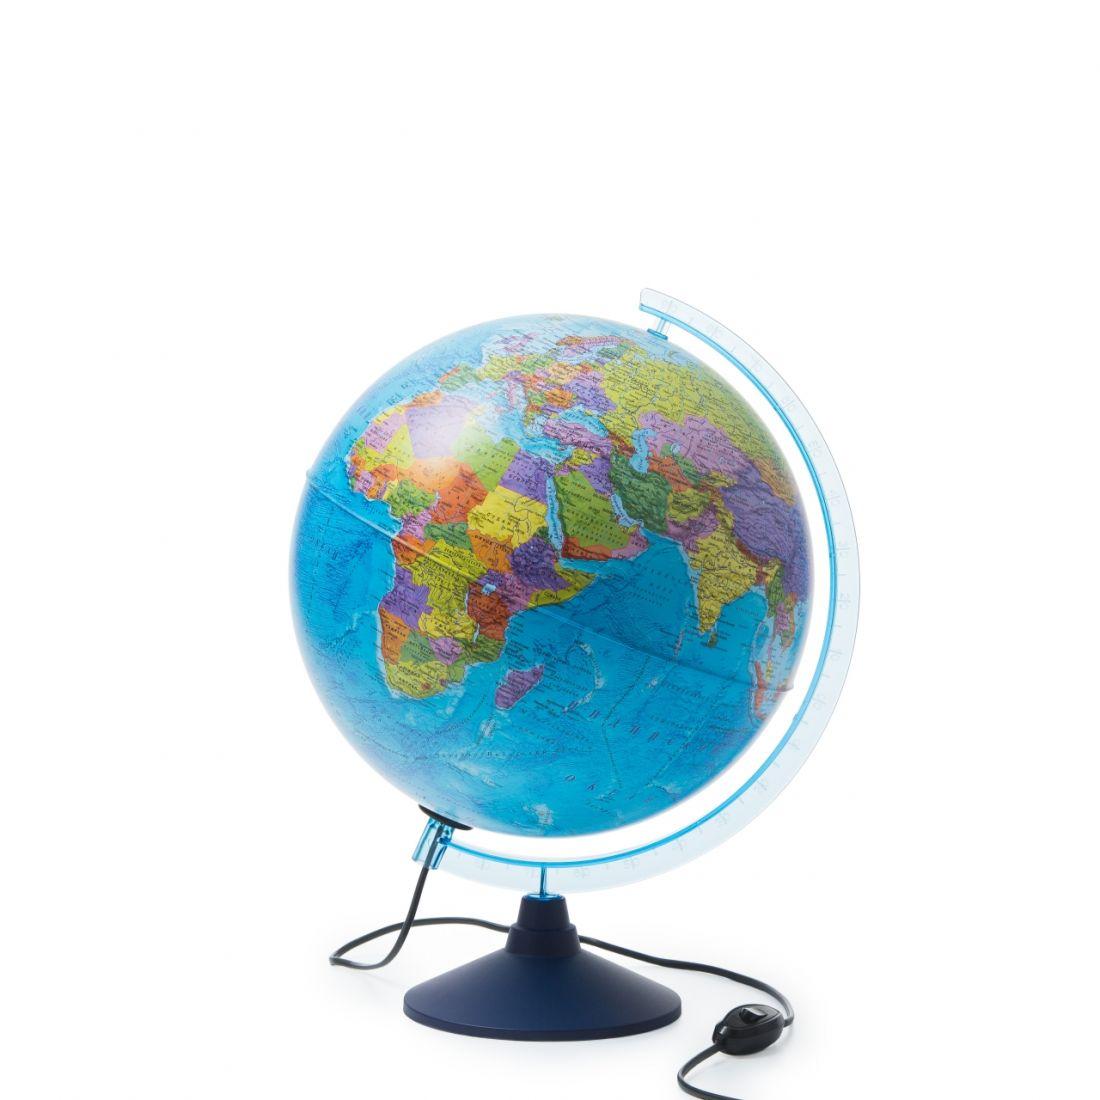 Глобус GLOBEN INT13200312 Земли интерактивный политический с подсветкой 320мм с очками VR